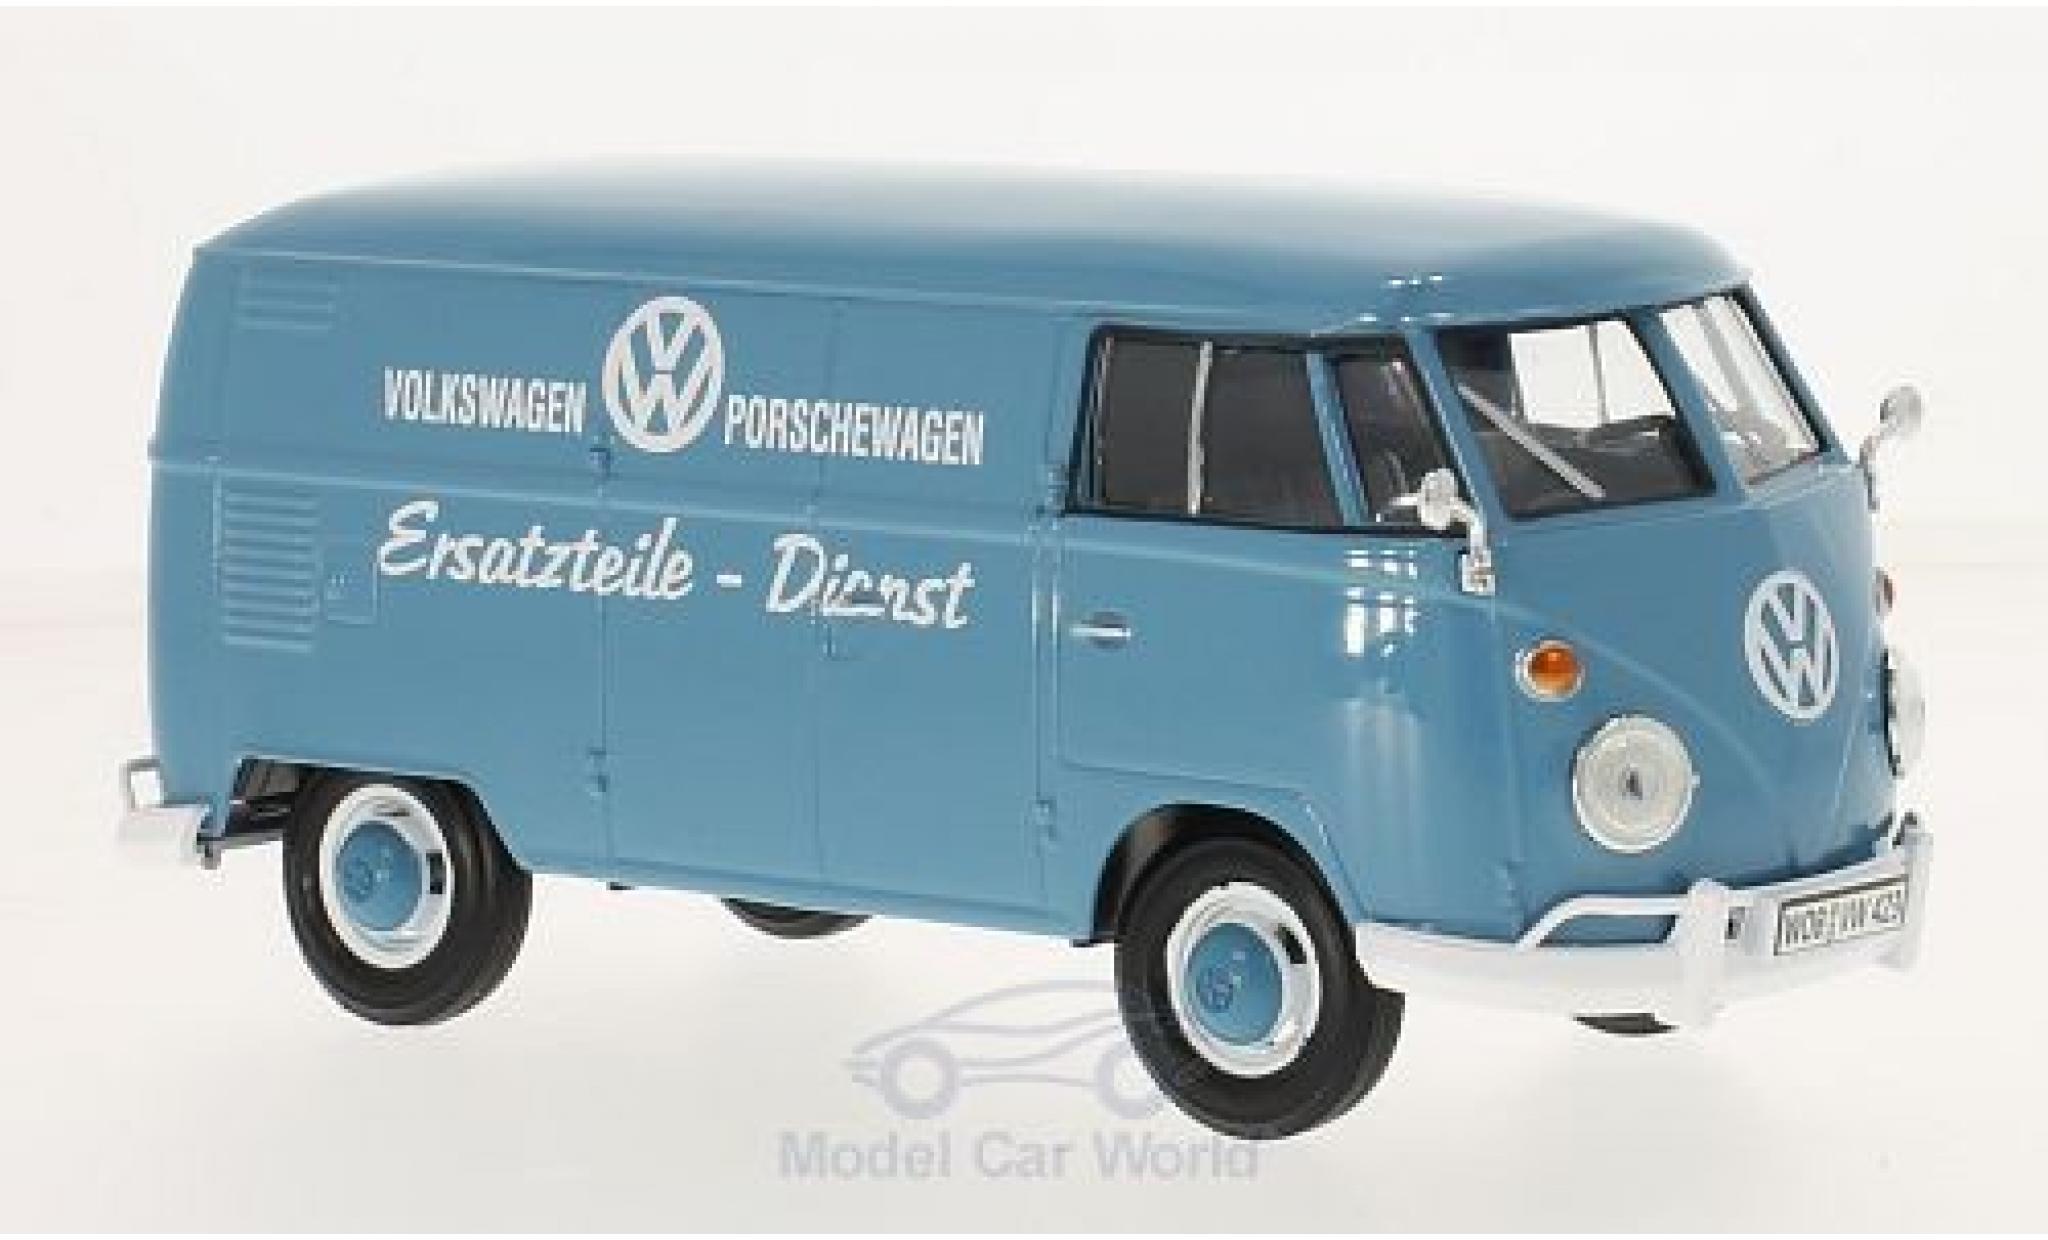 Volkswagen T1 A 1/24 Motormax Ersatzteile-Dienst Kastenwagen